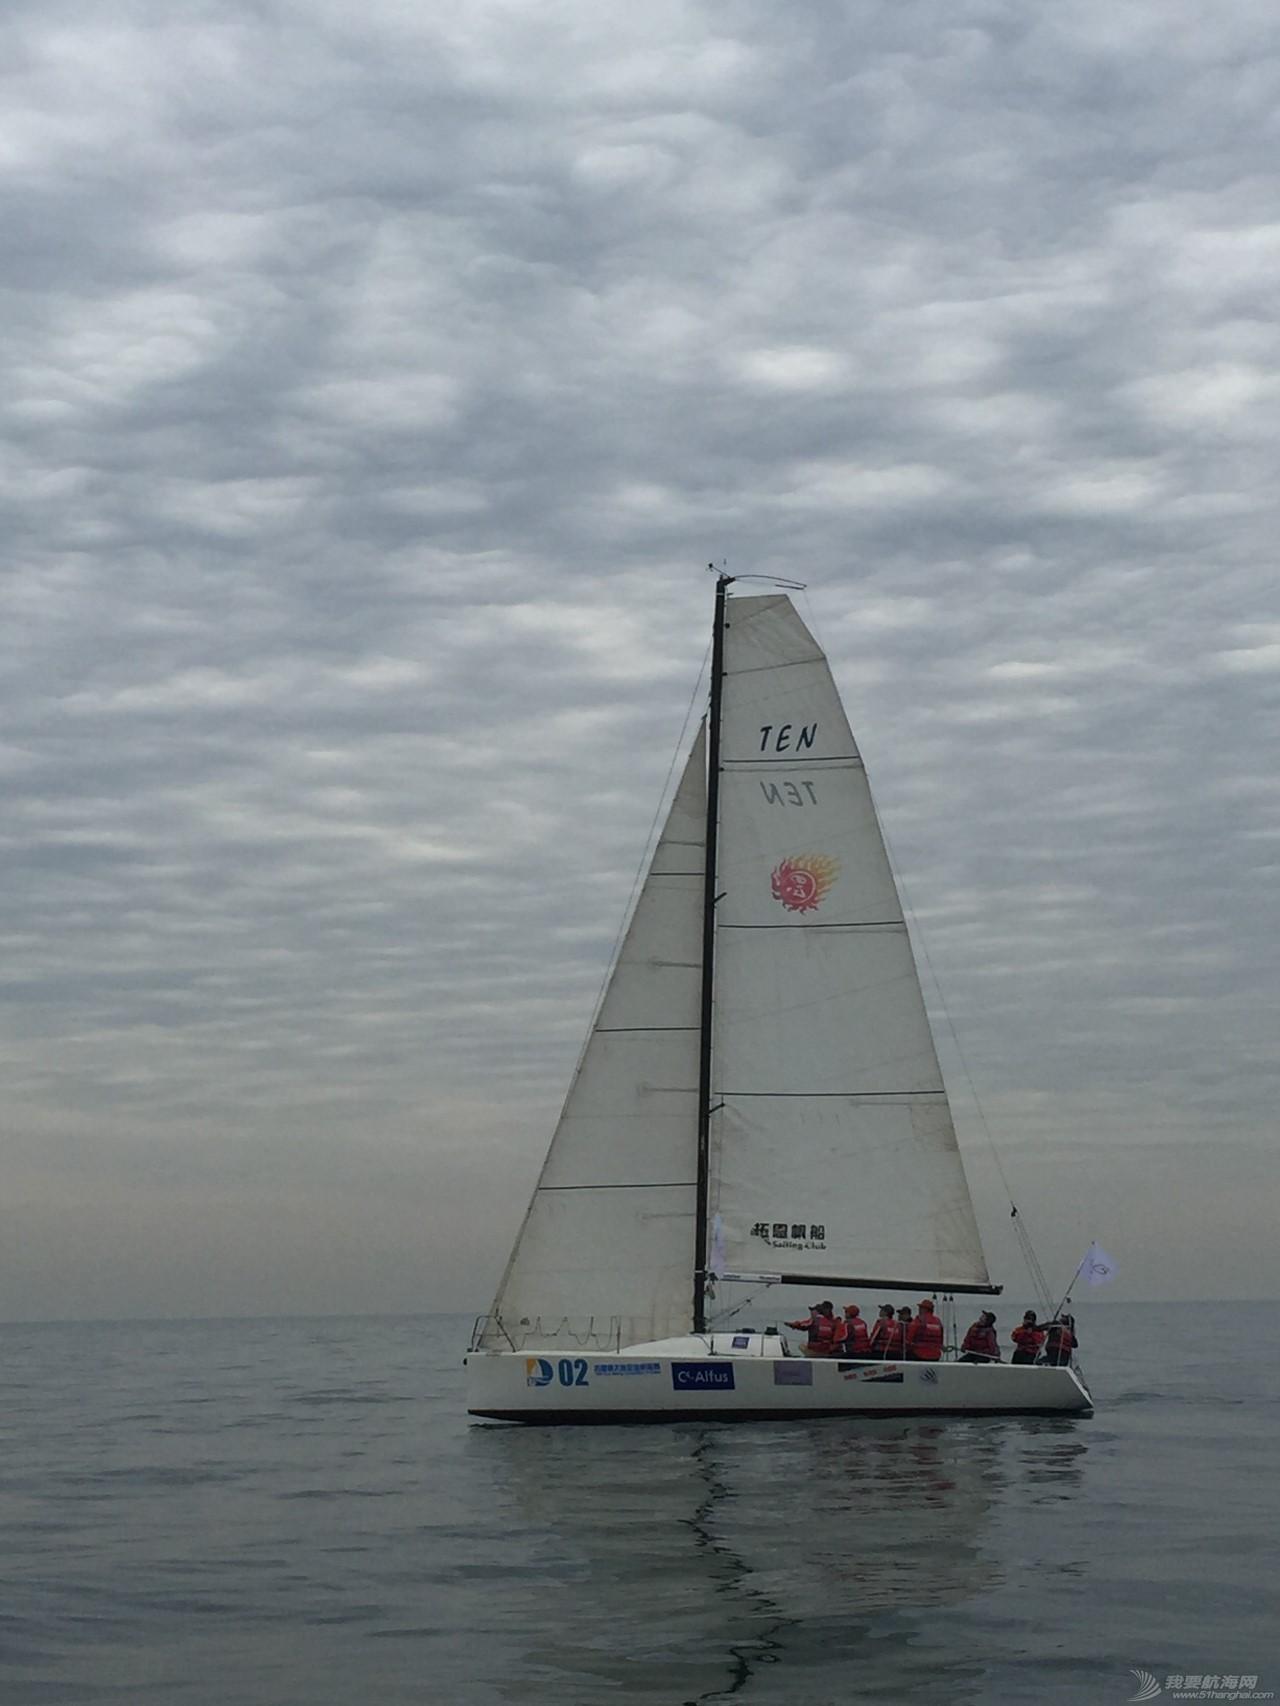 【2016大连拓恩杯企业帆船赛】一句真诚的感谢献给所有人 3f42291e893ac1210f1f3b05e2b2eaa5.jpg